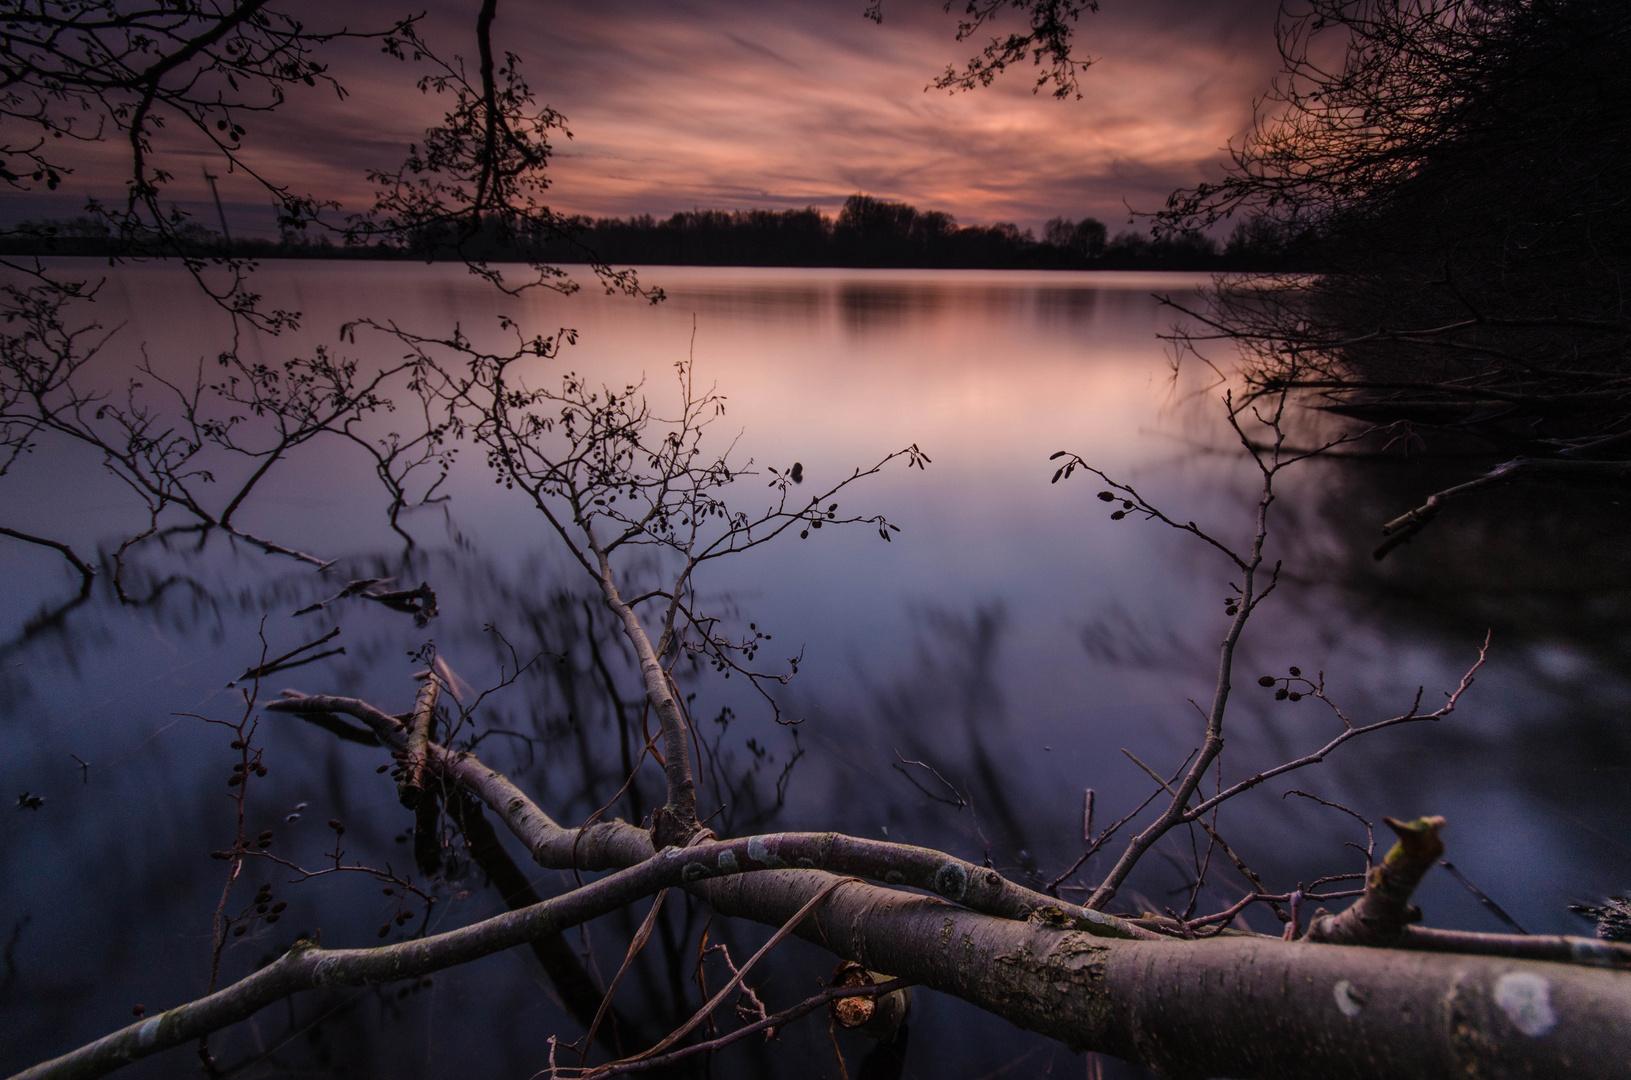 Reflexion im Sonnenuntergang